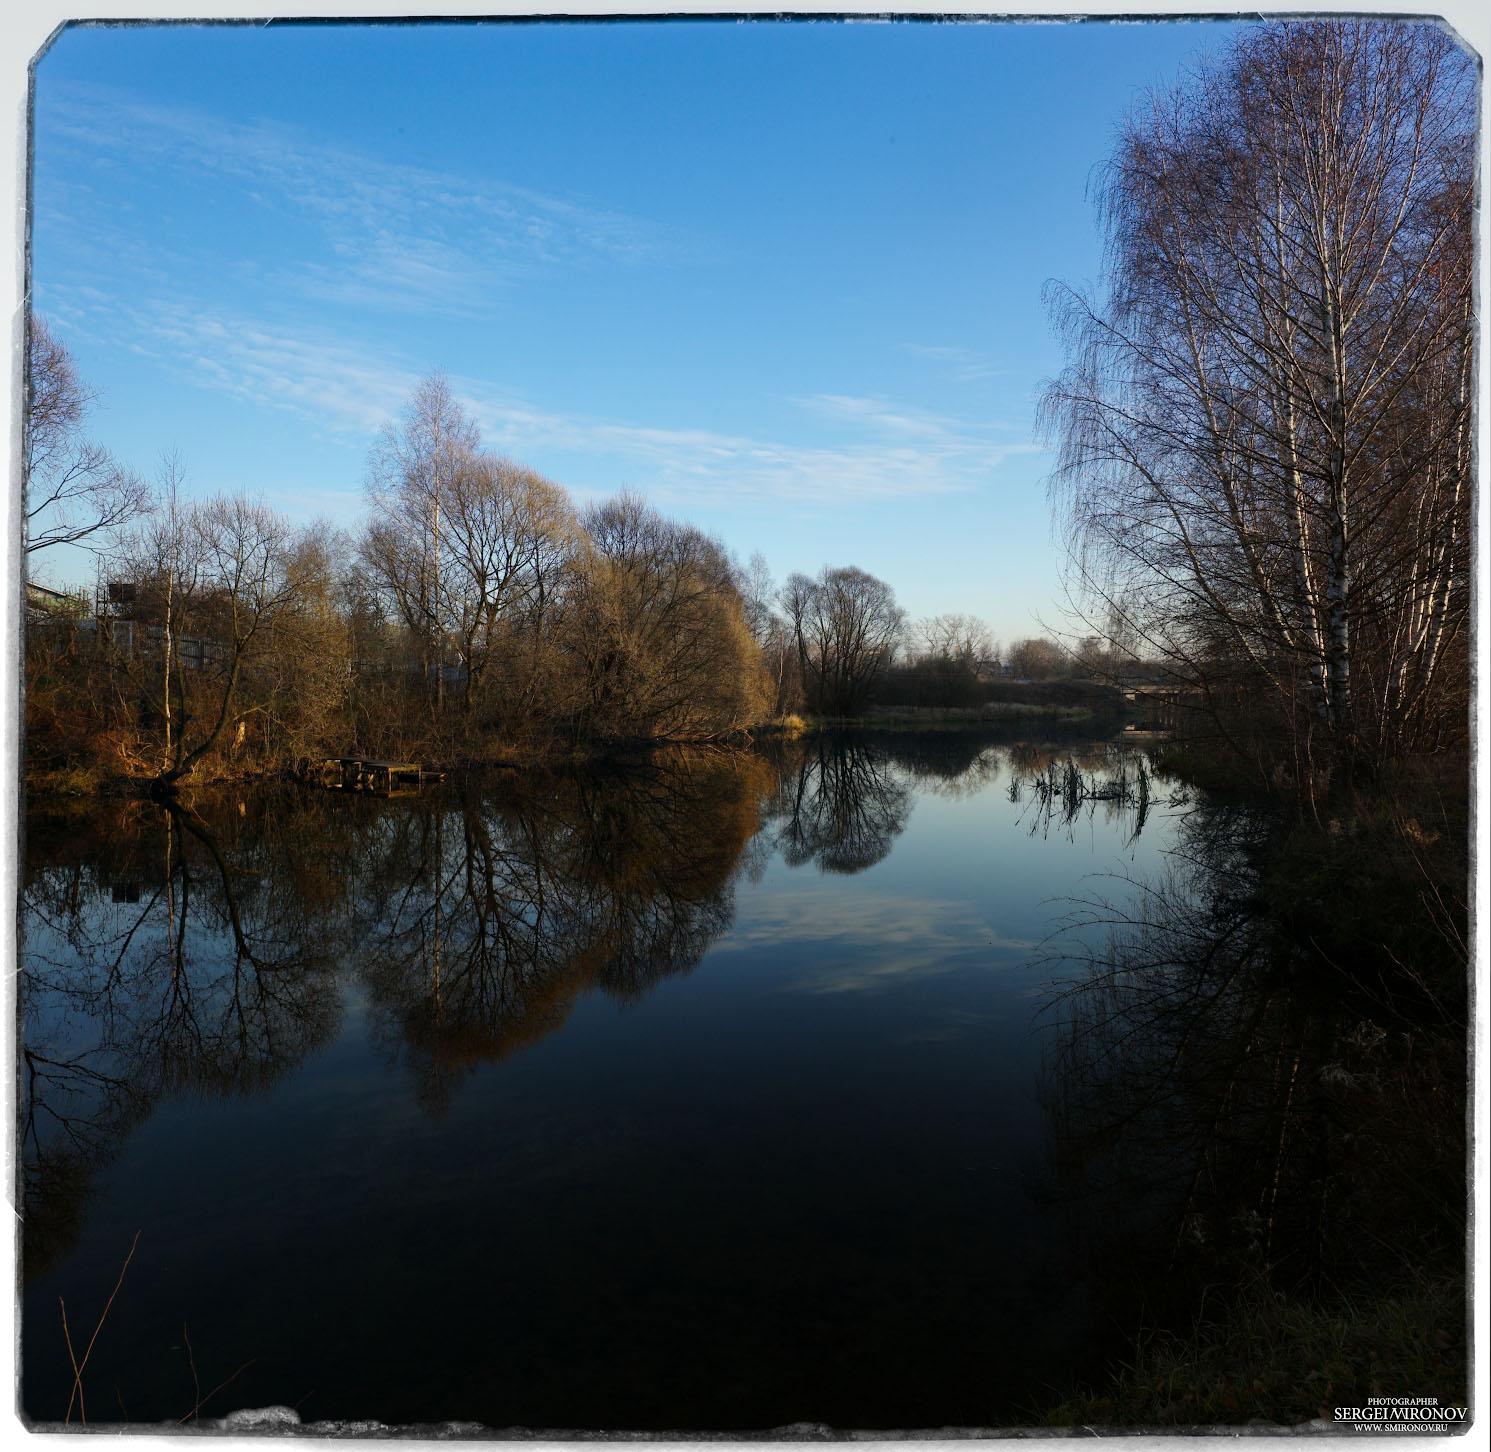 река Клязьма | Природа | Фотография #158877